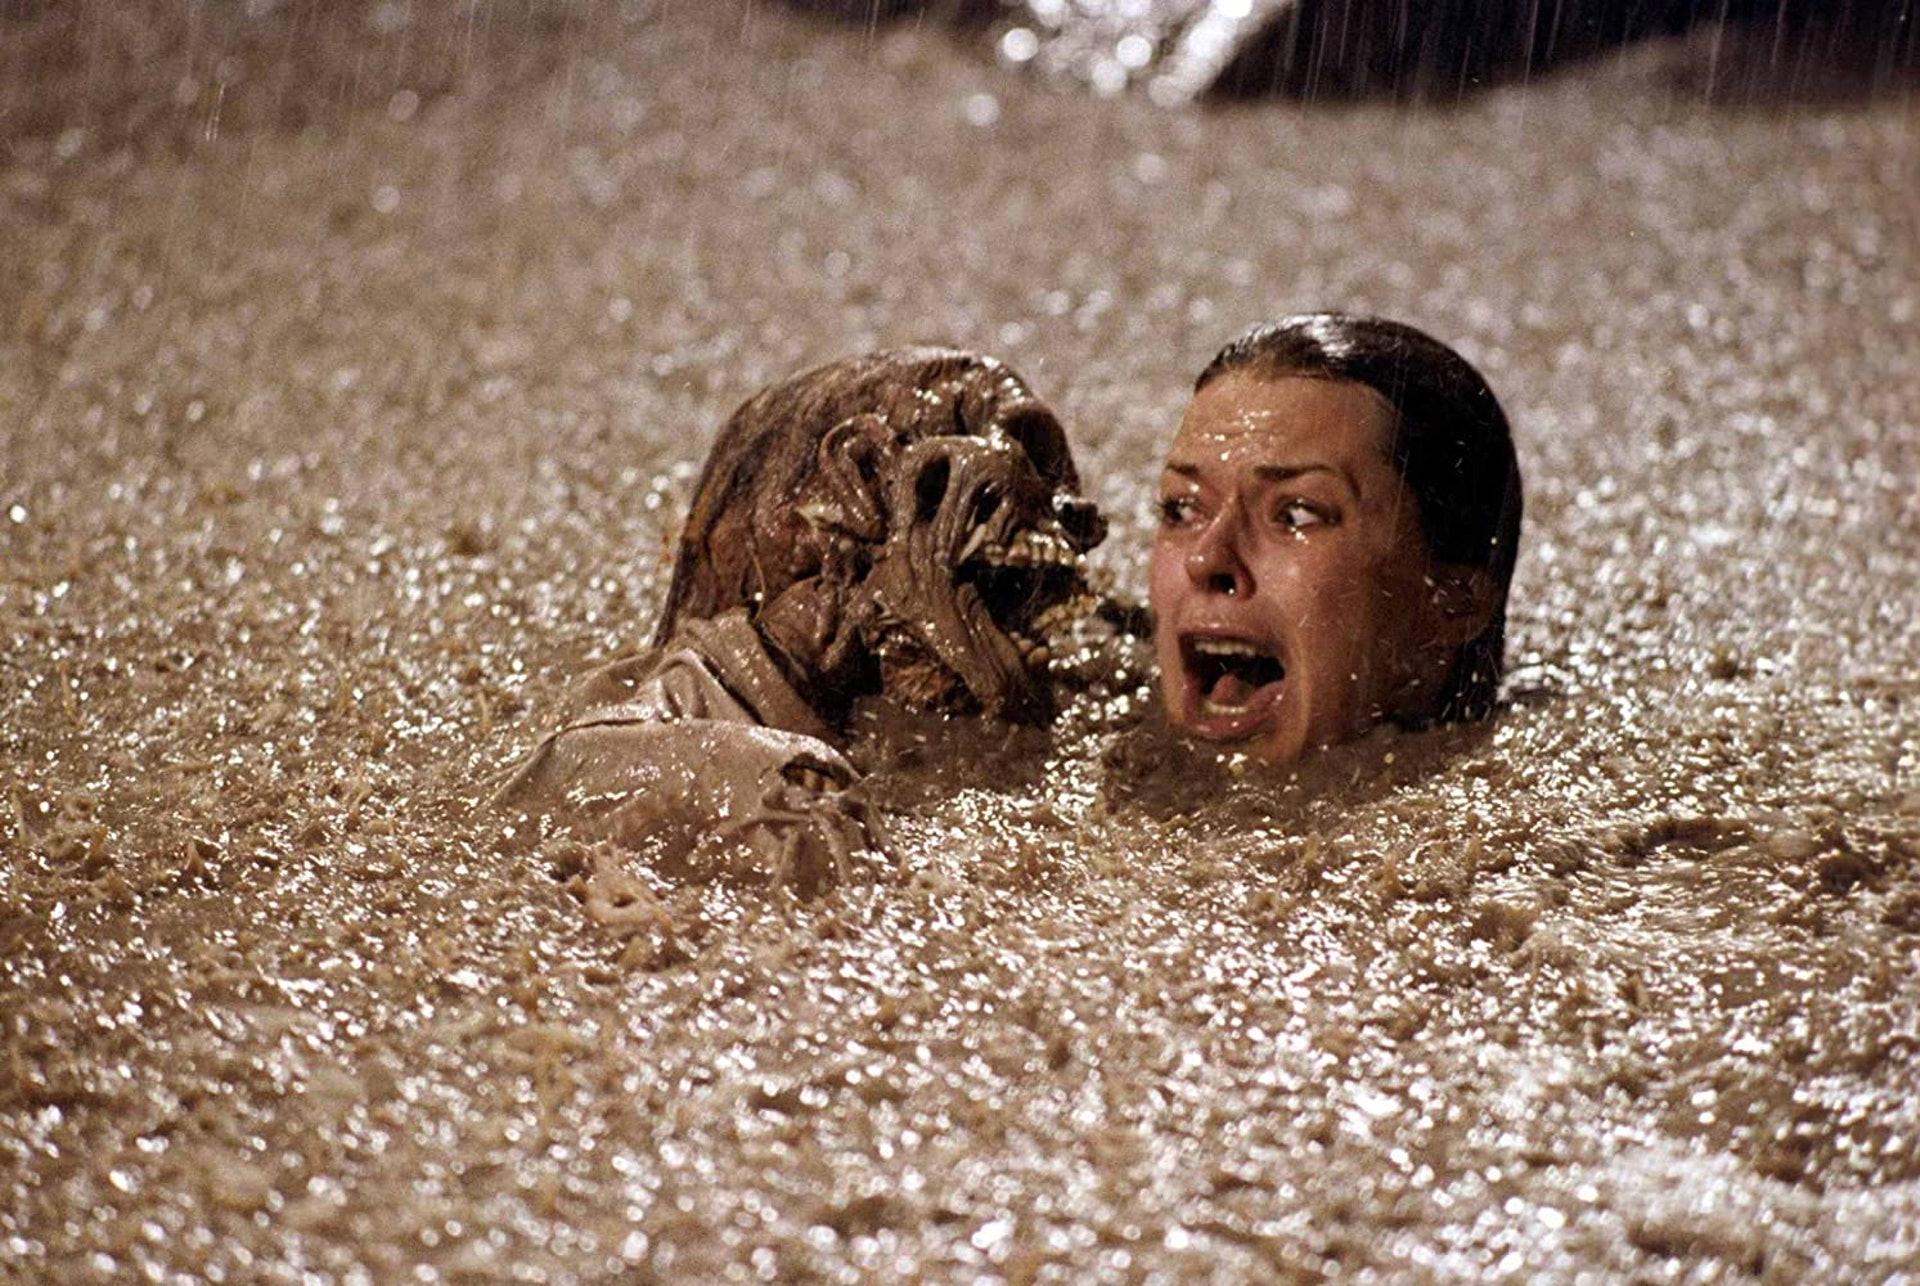 當時女演員JoBeth Williams以為骷髏是道具骨架,但其實是真人骨架。(《鬼驅人》劇照)